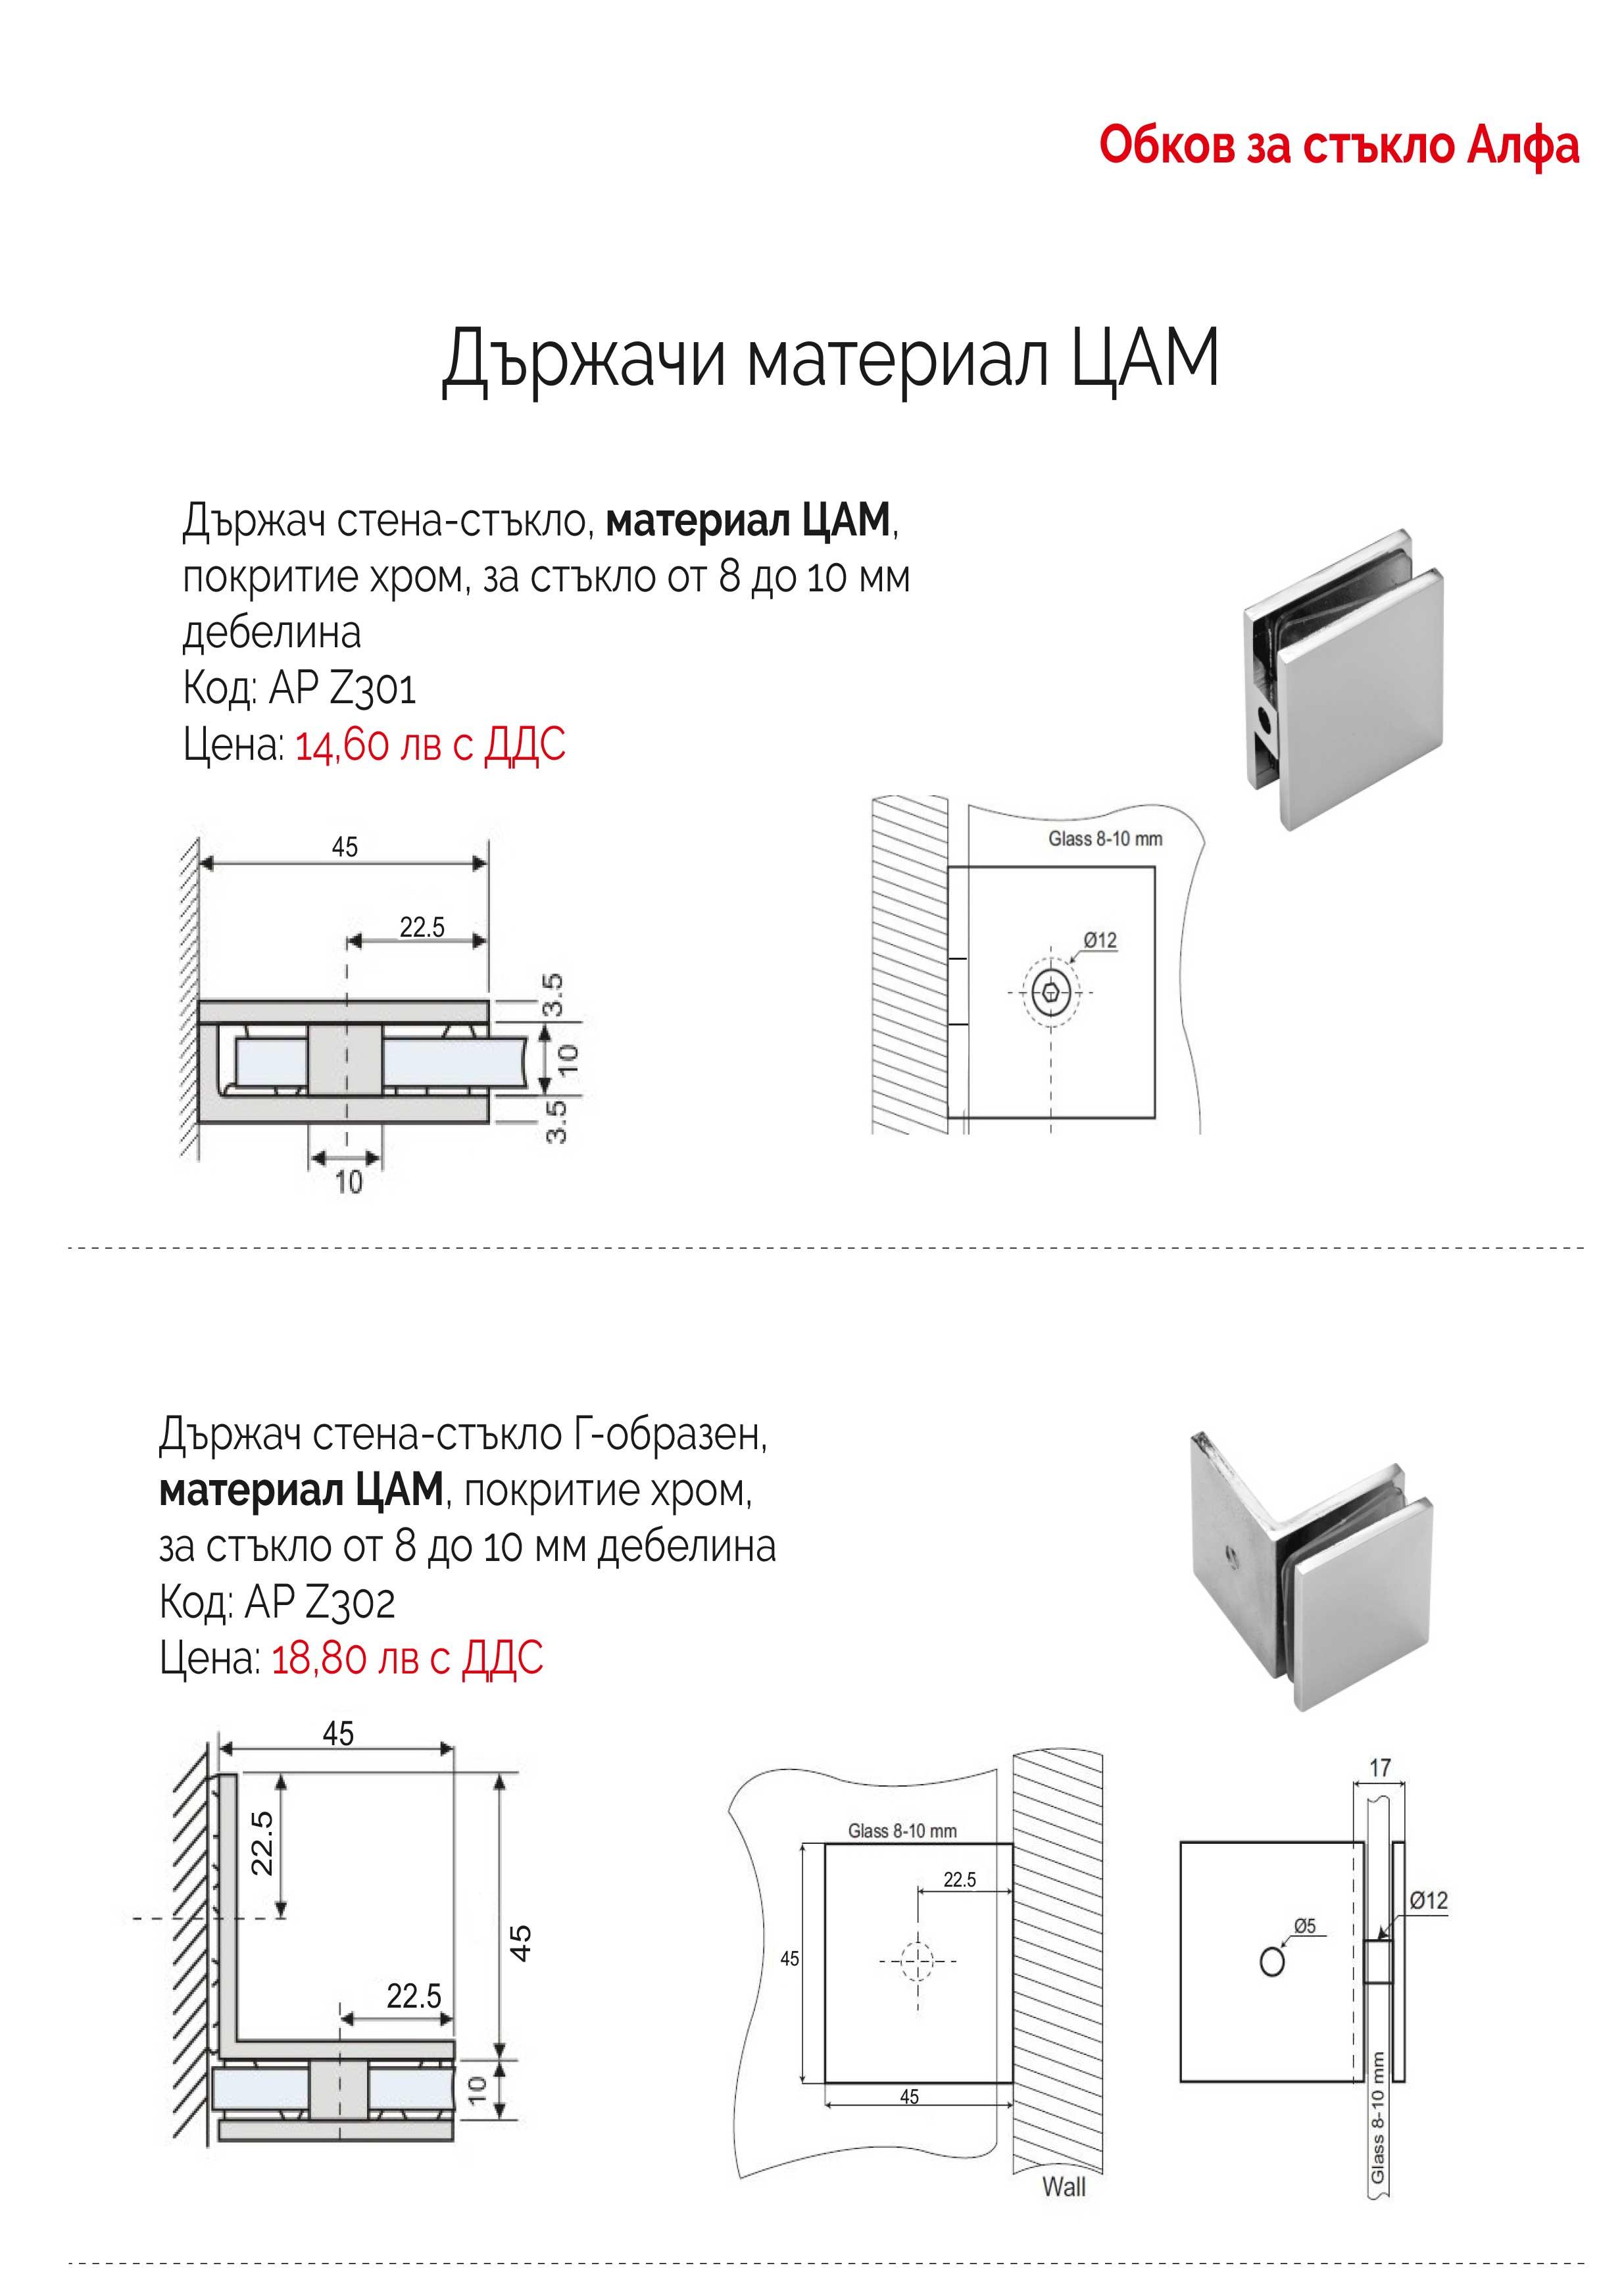 Фурнитура для душевых уголков - петли, соединители, держатели и ручки